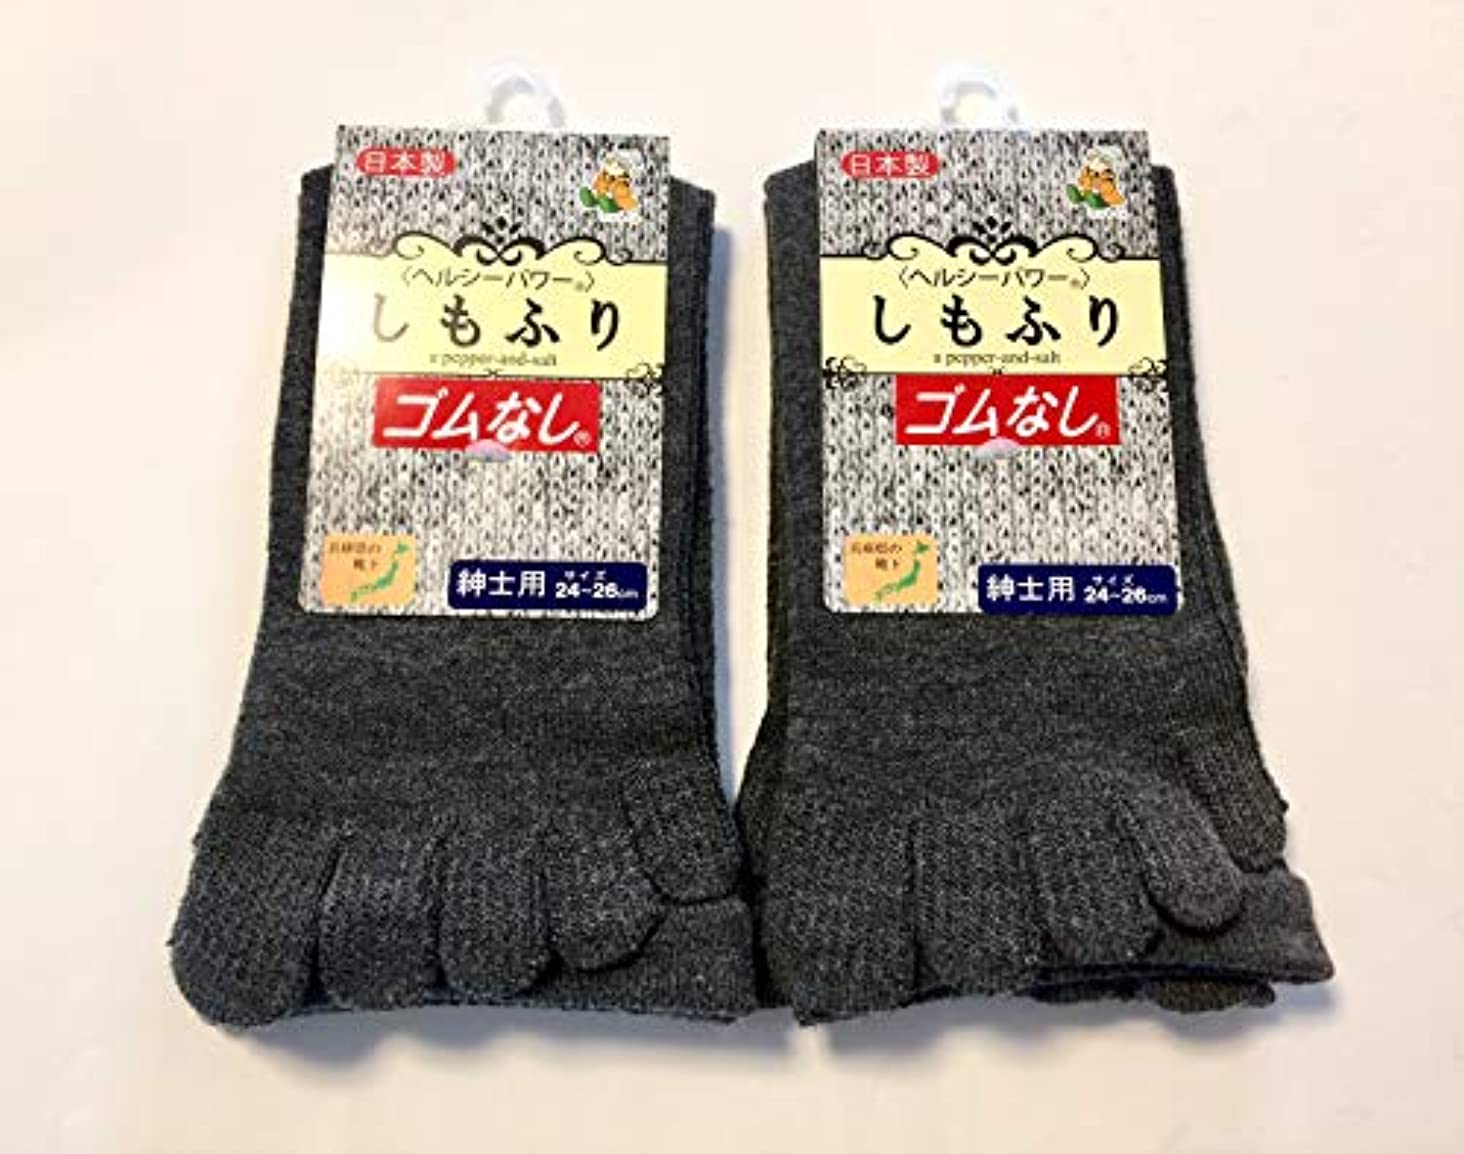 終了しました機動パノラマ日本製 5本指ソックス メンズ 口ゴムなし しめつけない靴下 24~26cm チャコール2足組